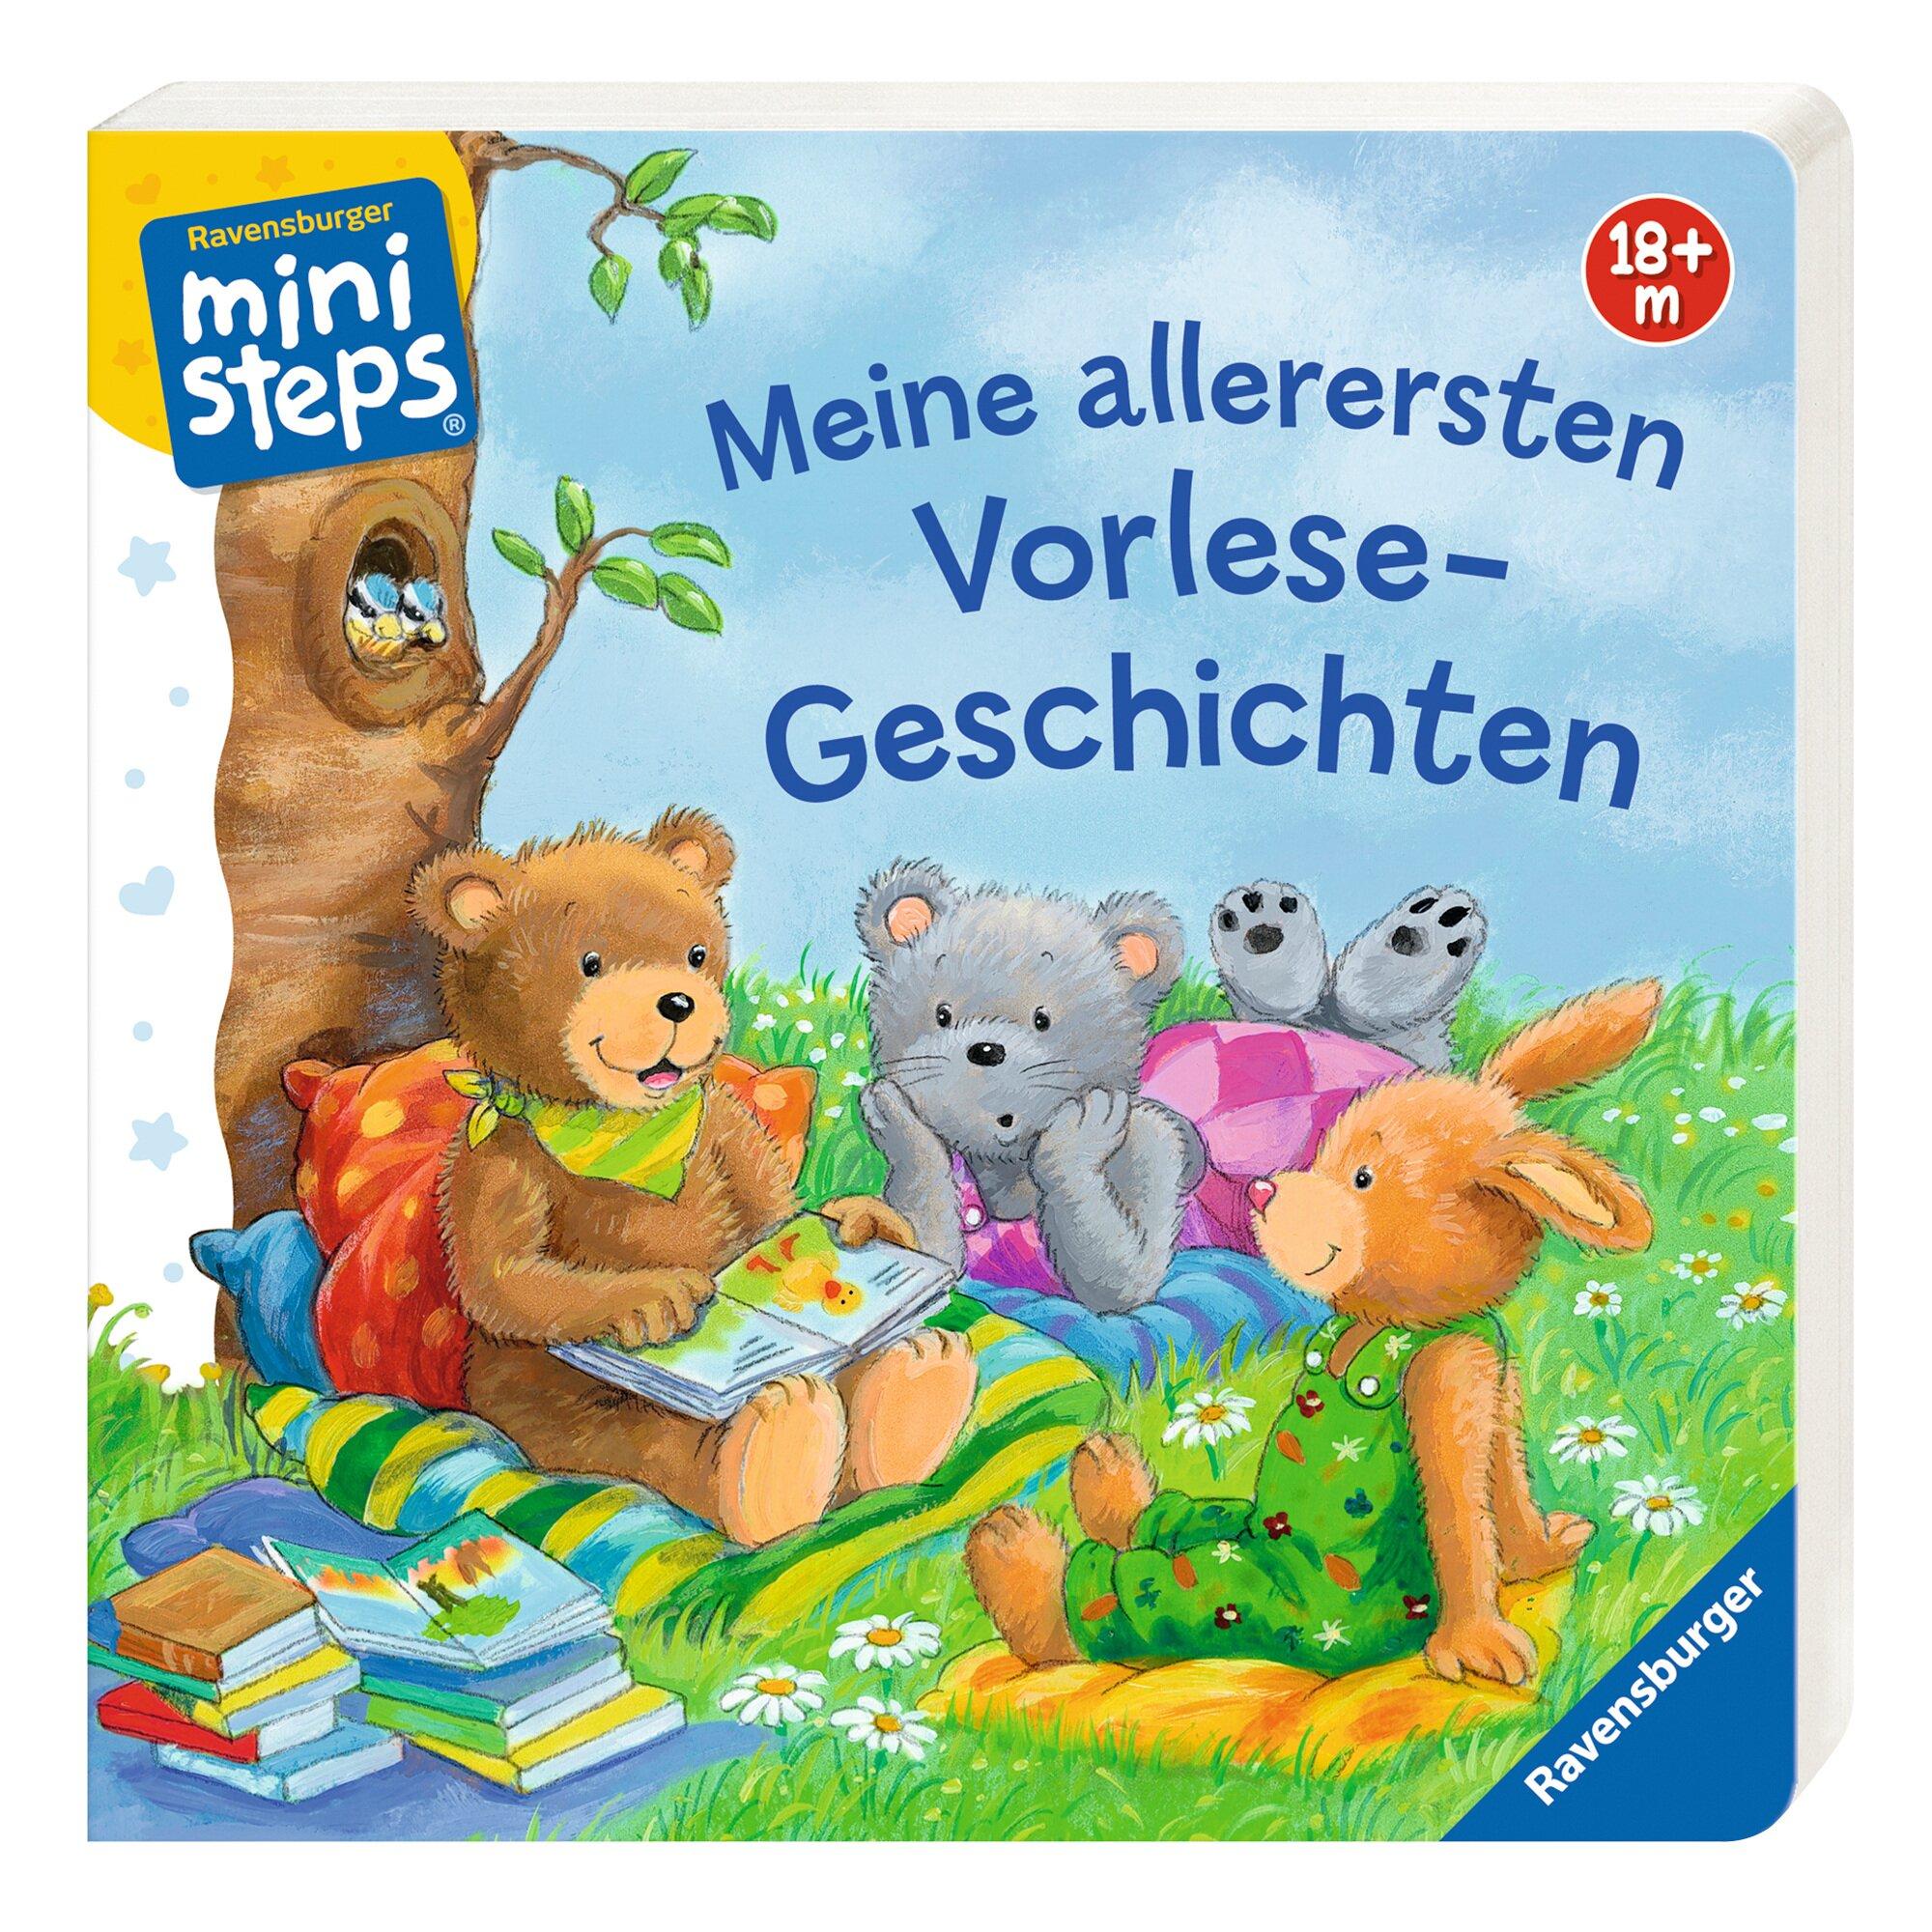 Ministeps Pappbilderbuch Meine allerersten Vorlese-Geschichten